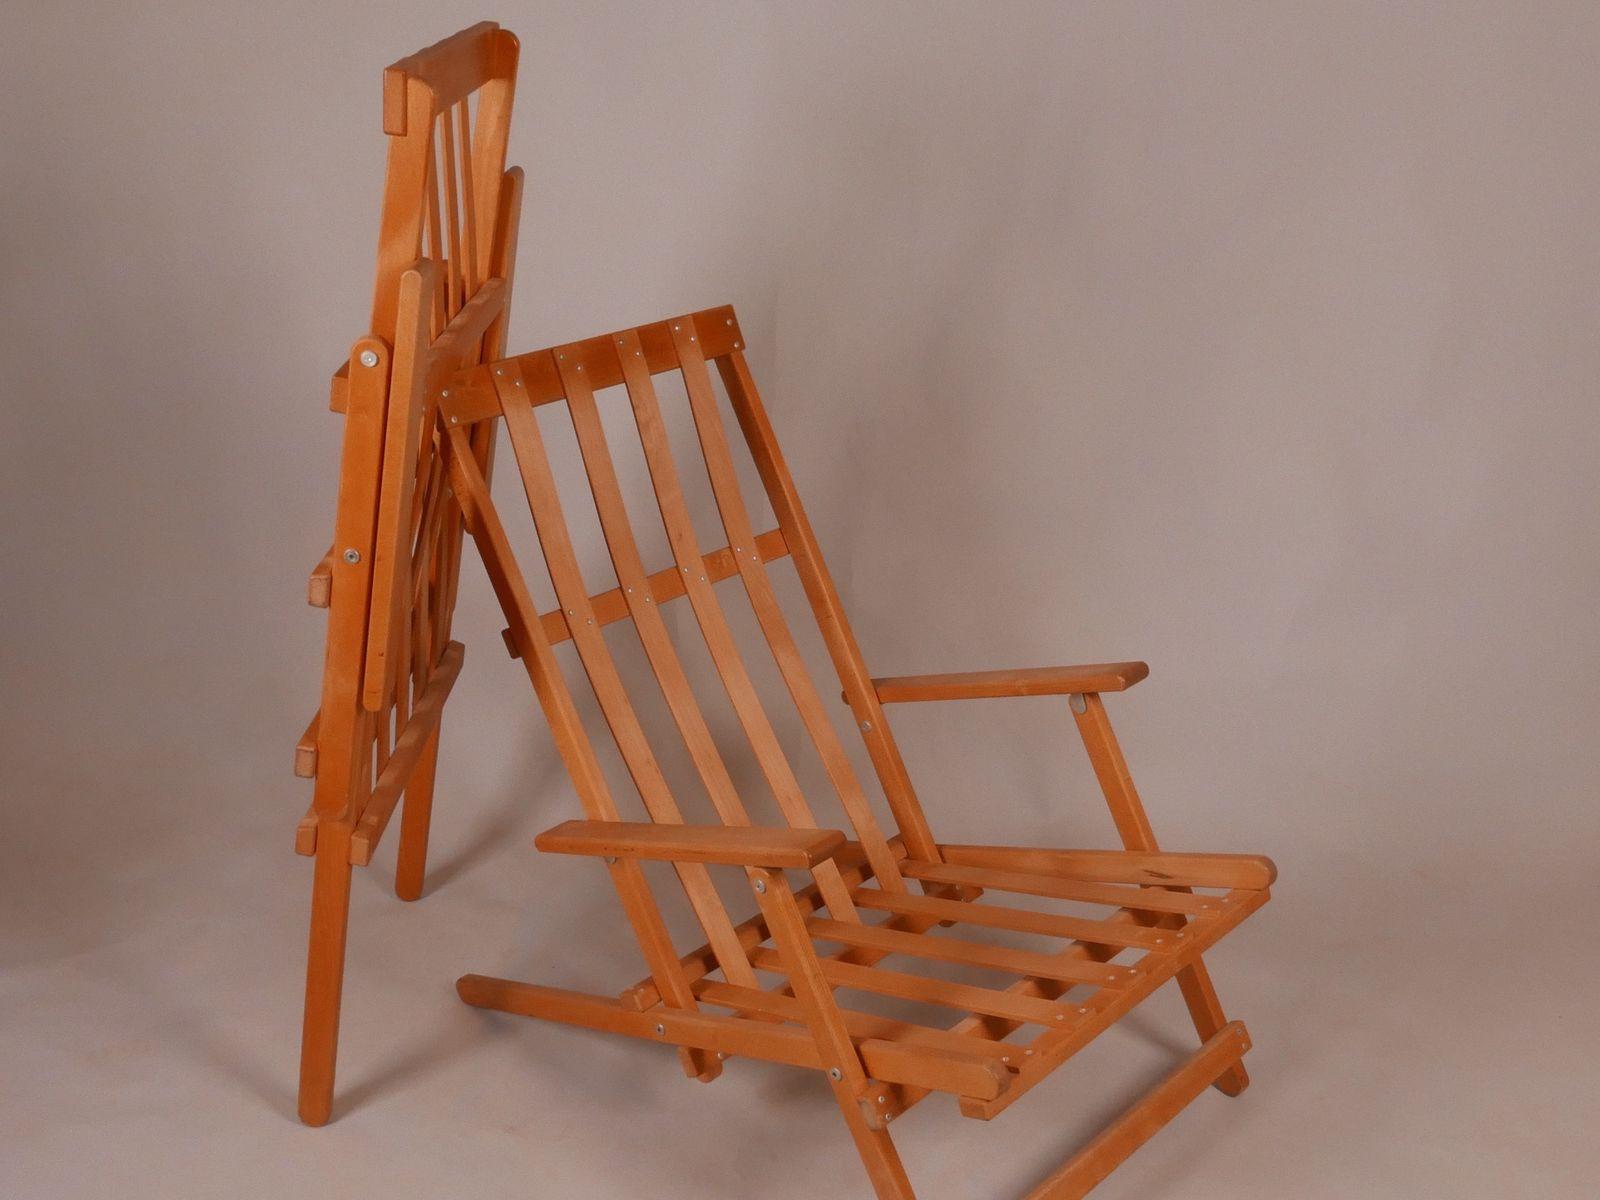 Chaises longues de jardin mod le 50 par b rge mogensen for Chaises longues pour jardin